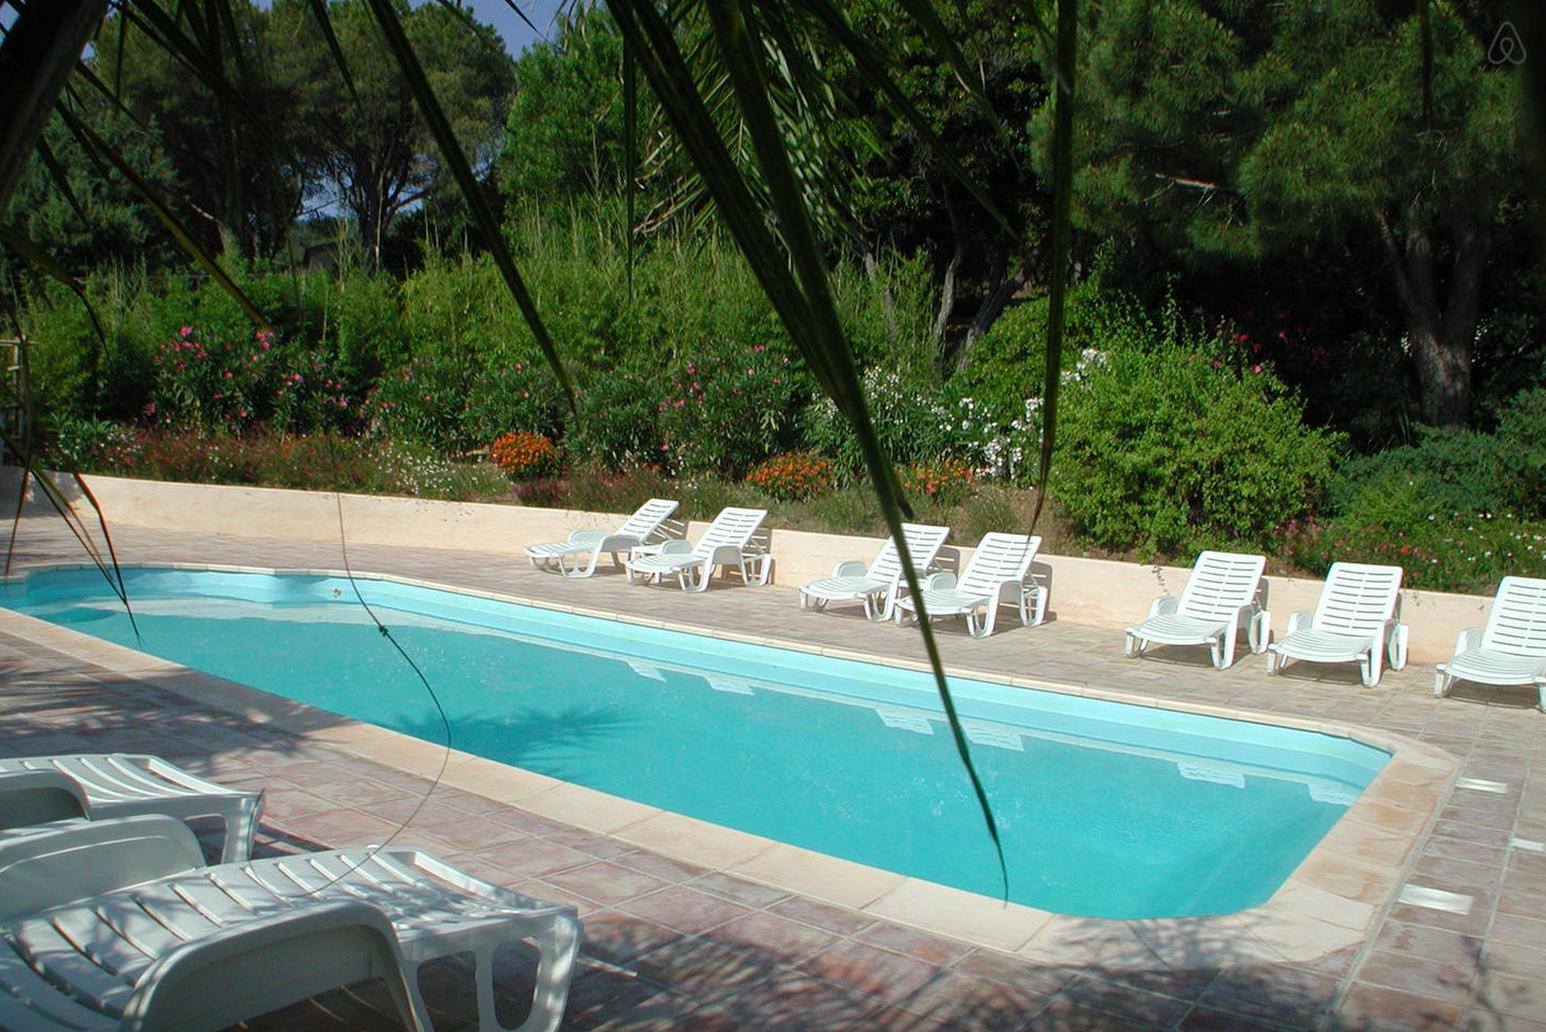 Villa de vacances à Cavalaire-sur-mer sur la côte d'azur loué via Airbnb